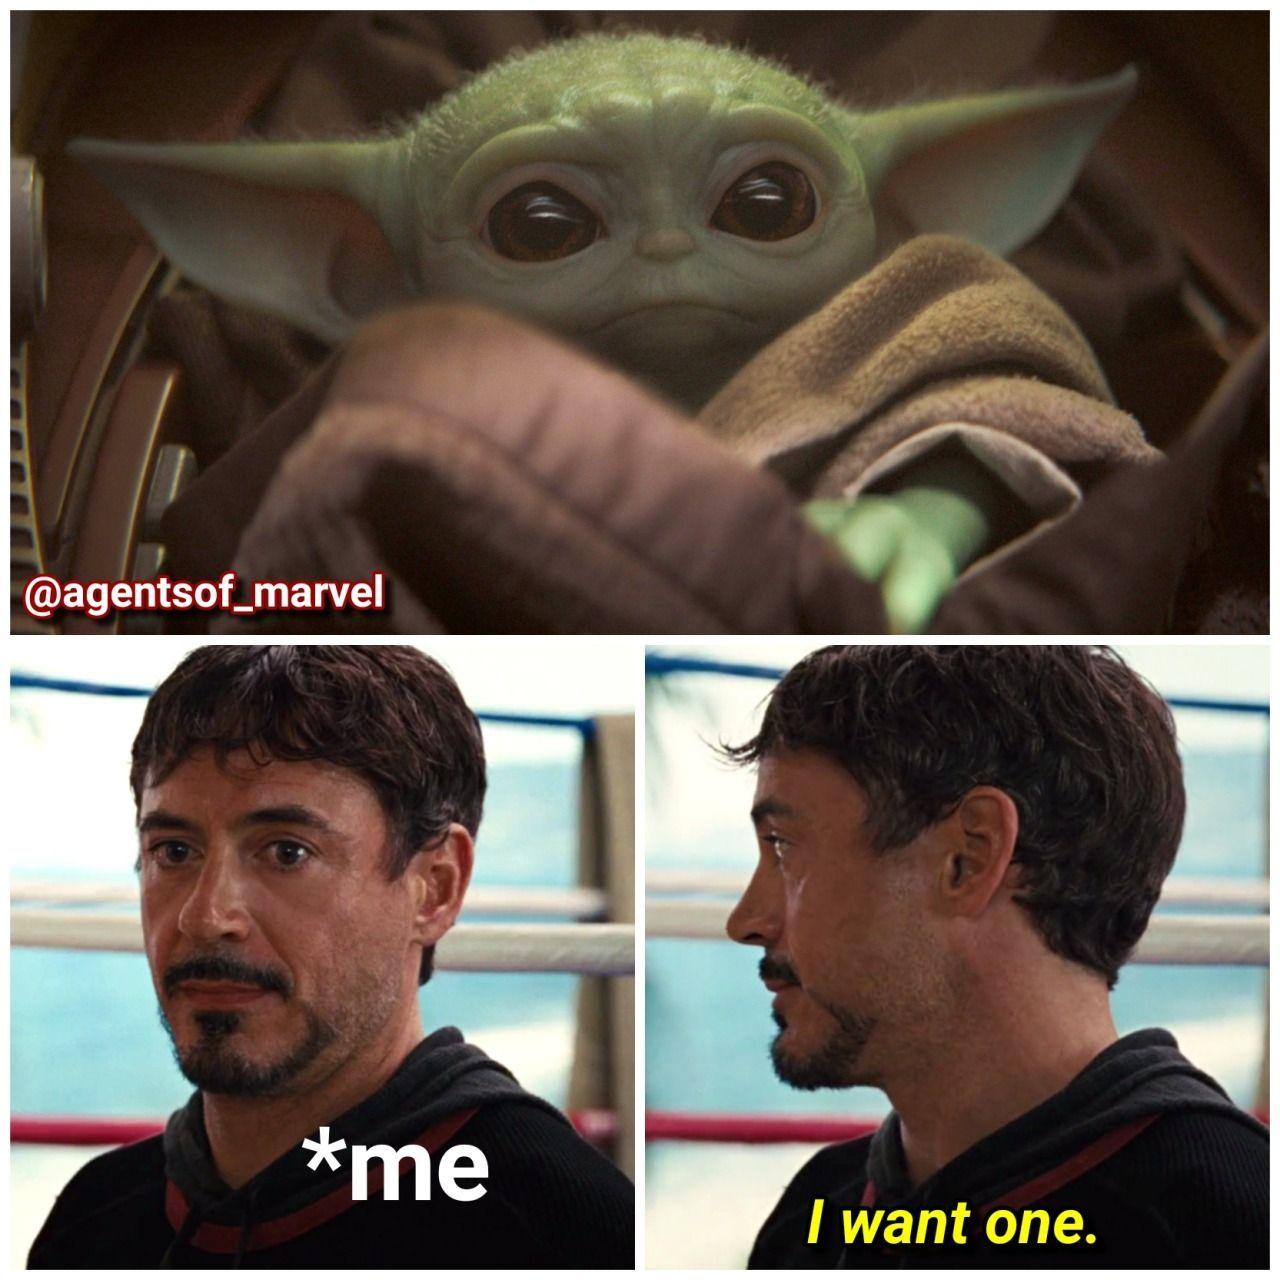 Reino De Marvel Quiero Uno Vengadores Memes Imagenes Efectivas Que Le Proporcionamos Sobre Healthy Recipes Una Im Star Wars Jokes Yoda Meme Star Wars Memes